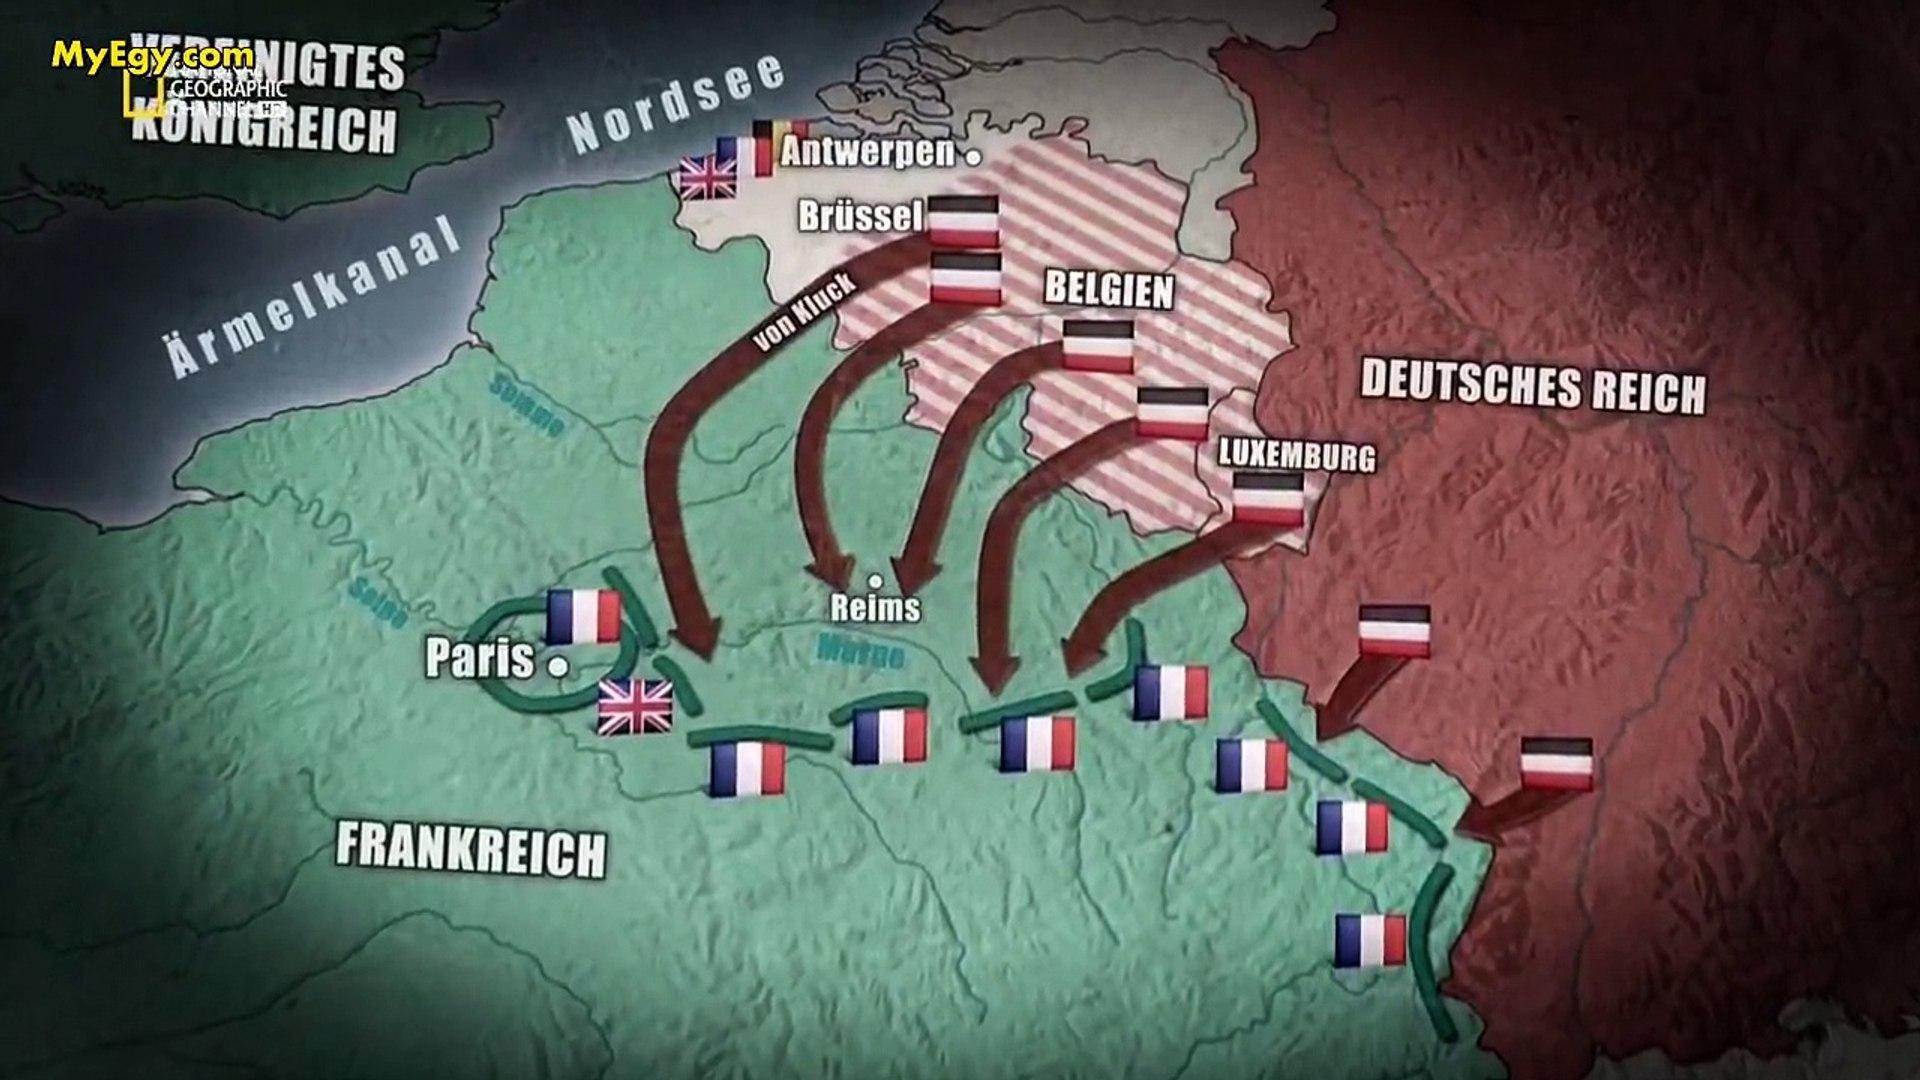 السلسلة الوثائقية الحرب العالمية الاولى   الجزء الثاني